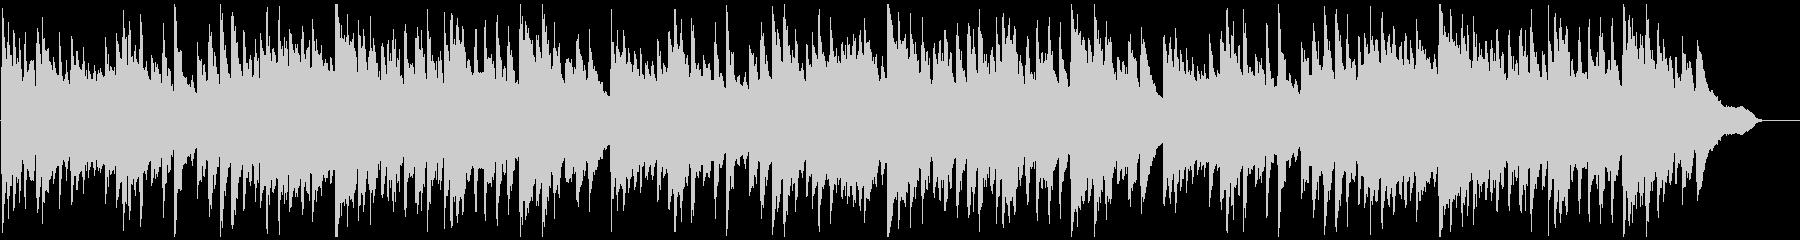 「ふるさと」 ピアノ伴奏の未再生の波形